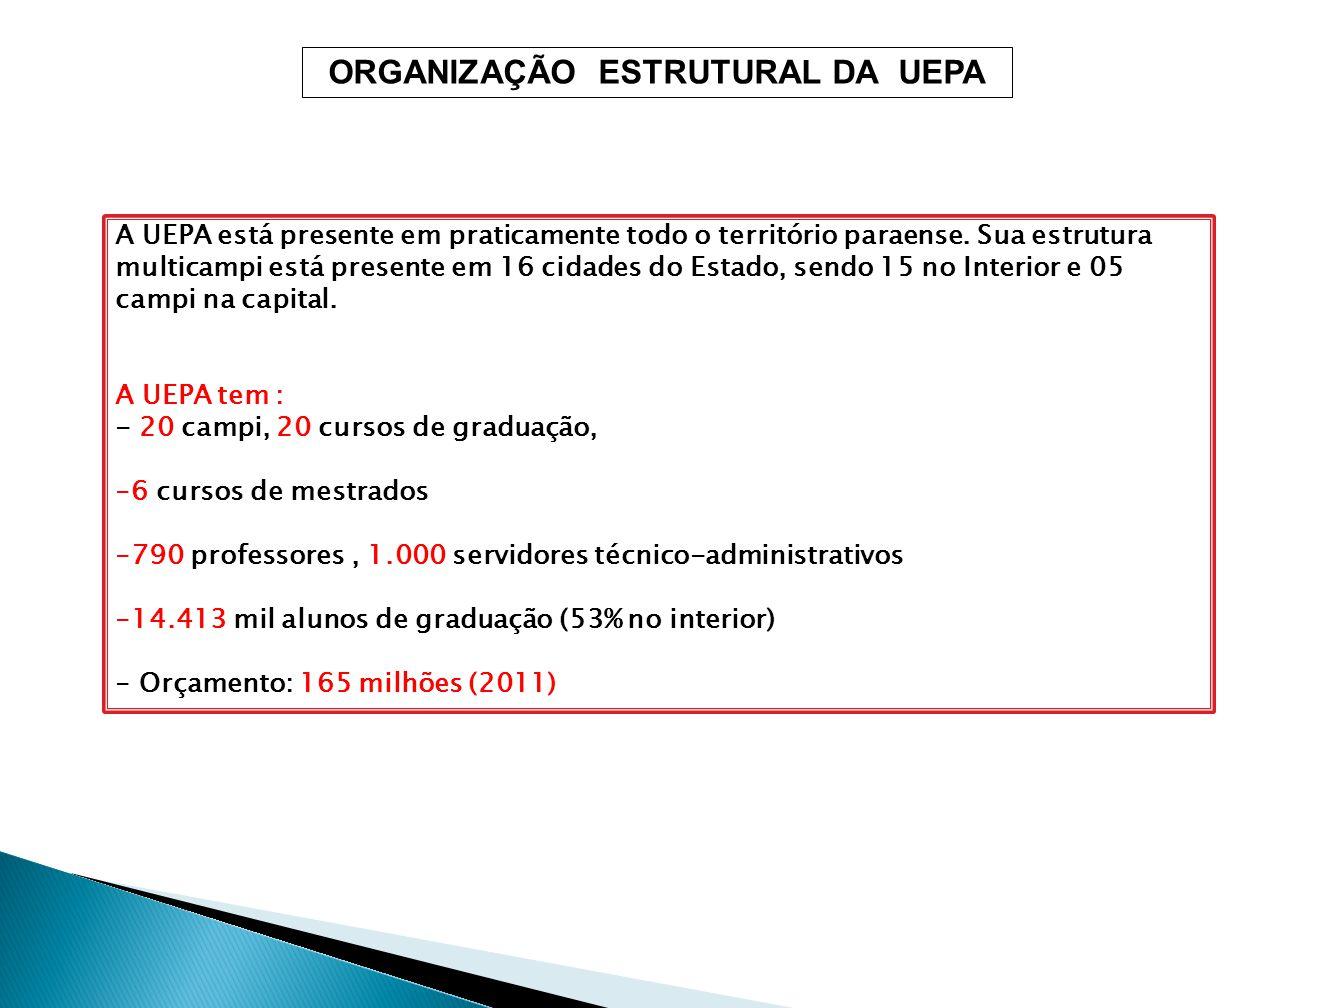 ORGANIZAÇÃO ESTRUTURAL DA UEPA